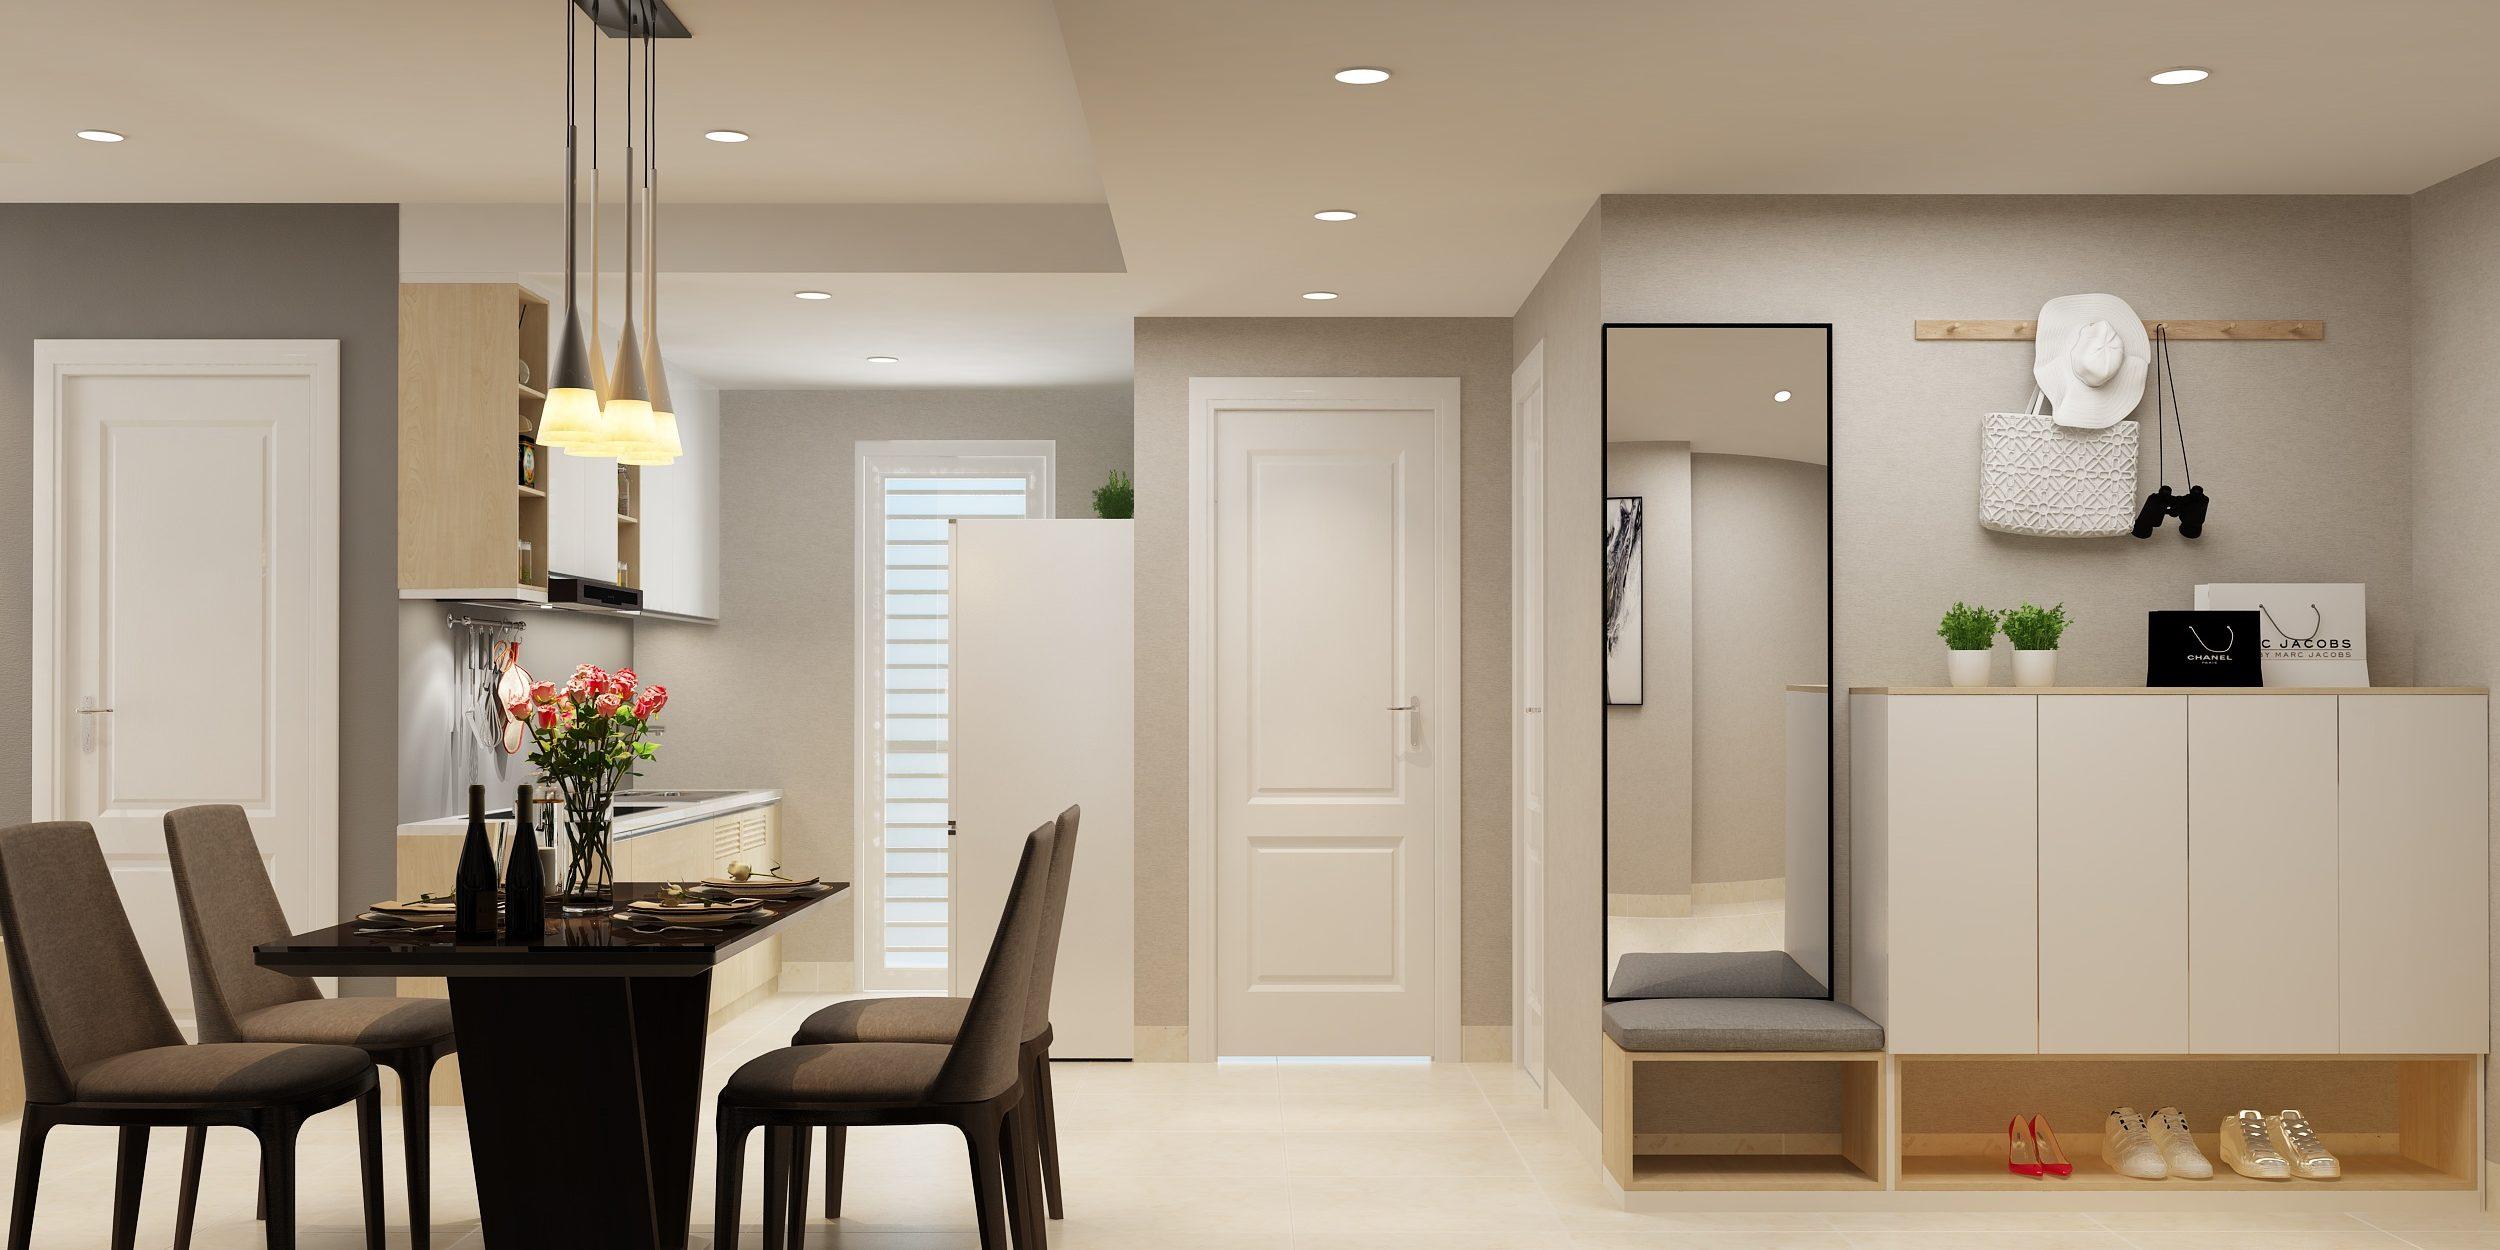 thiet ke noi that nha o theo phong thuy 2687 6 - Thiết kế nội thất nhà ở theo phong thủy